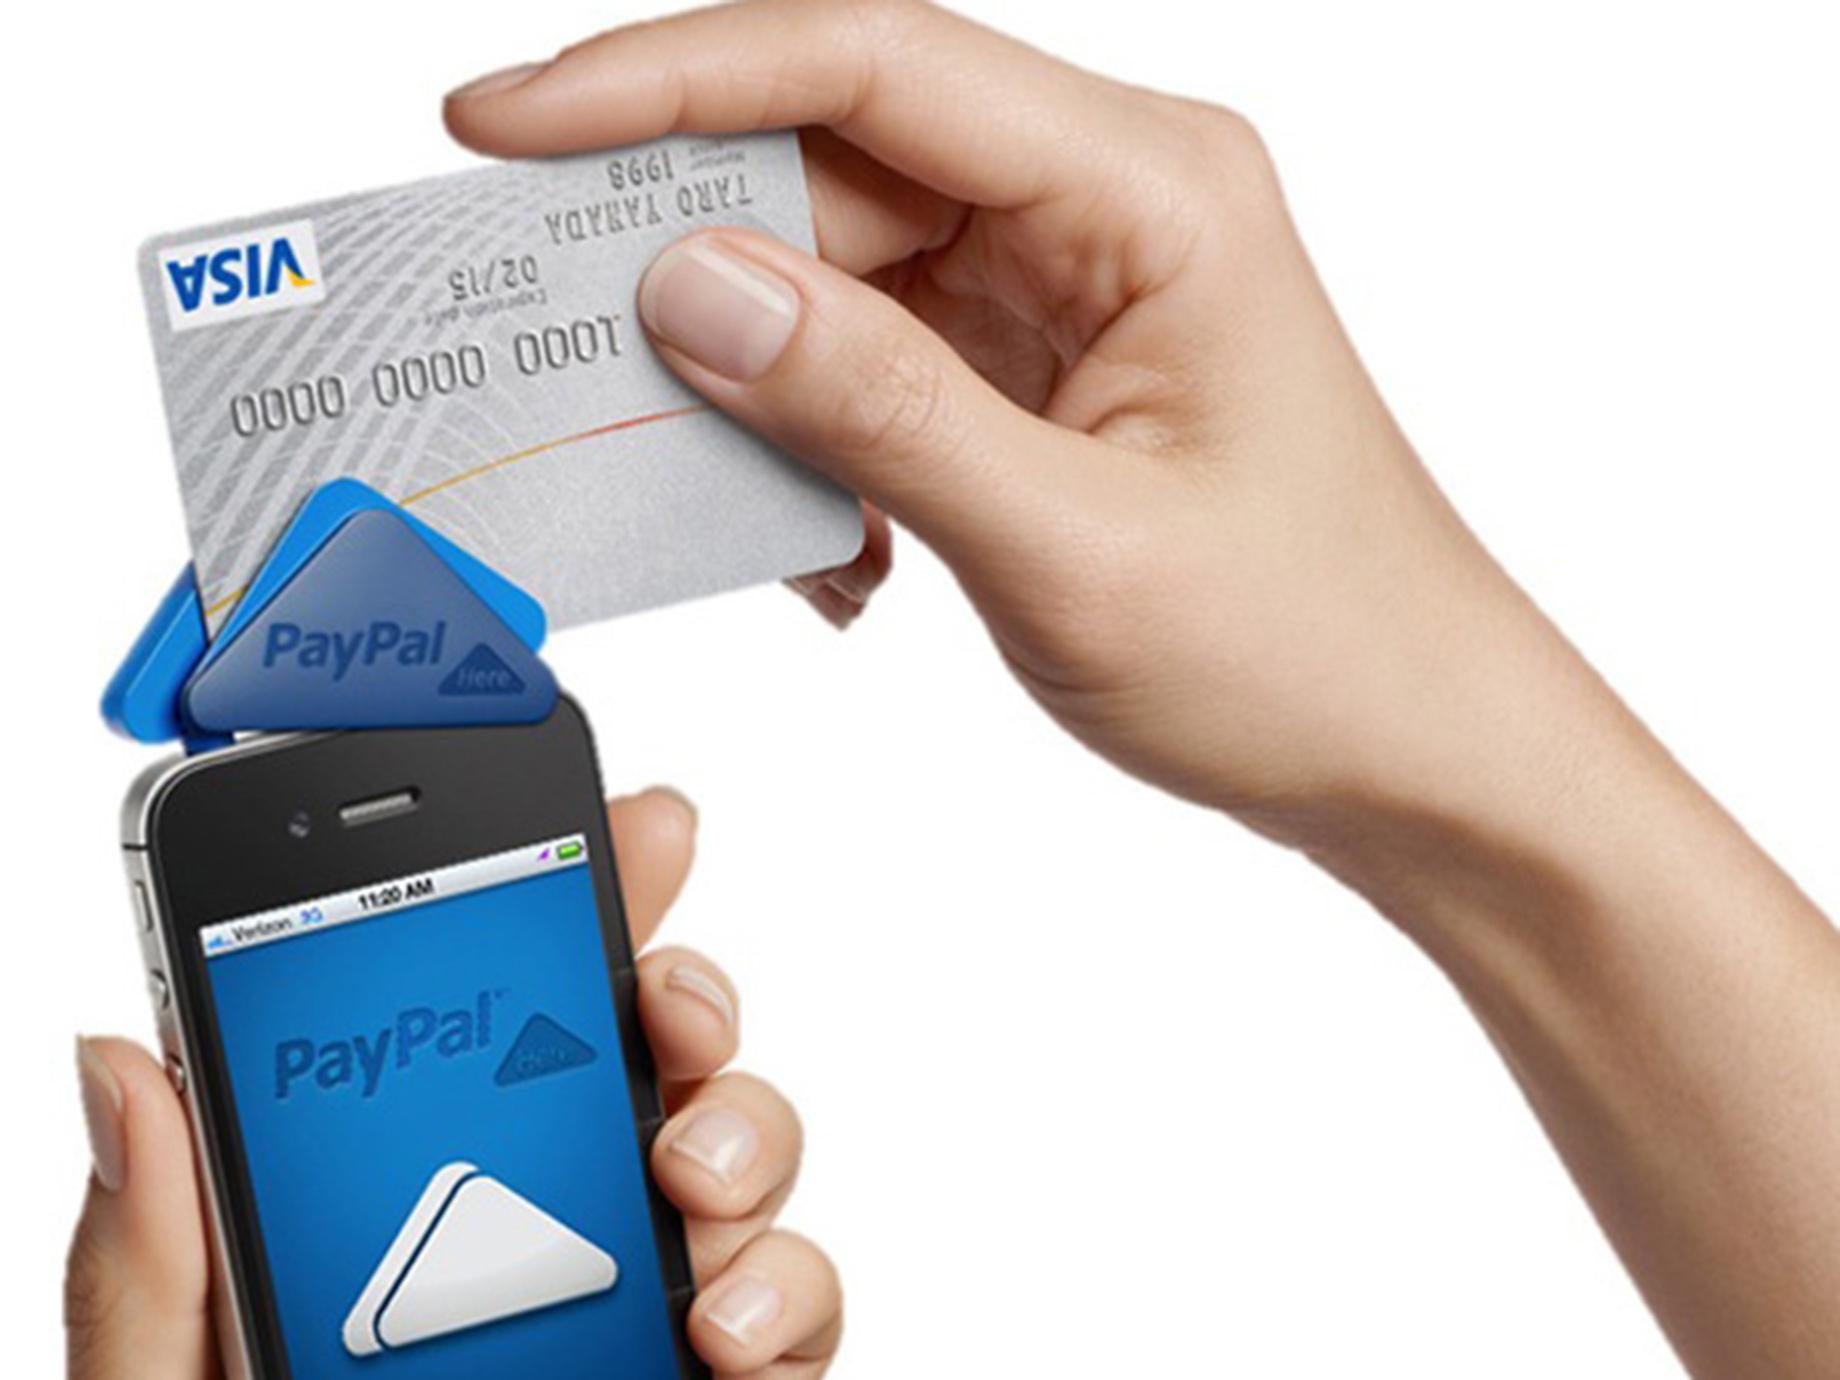 中國人海外購買力強大!百度攜手Paypal,搶攻跨國支付服務